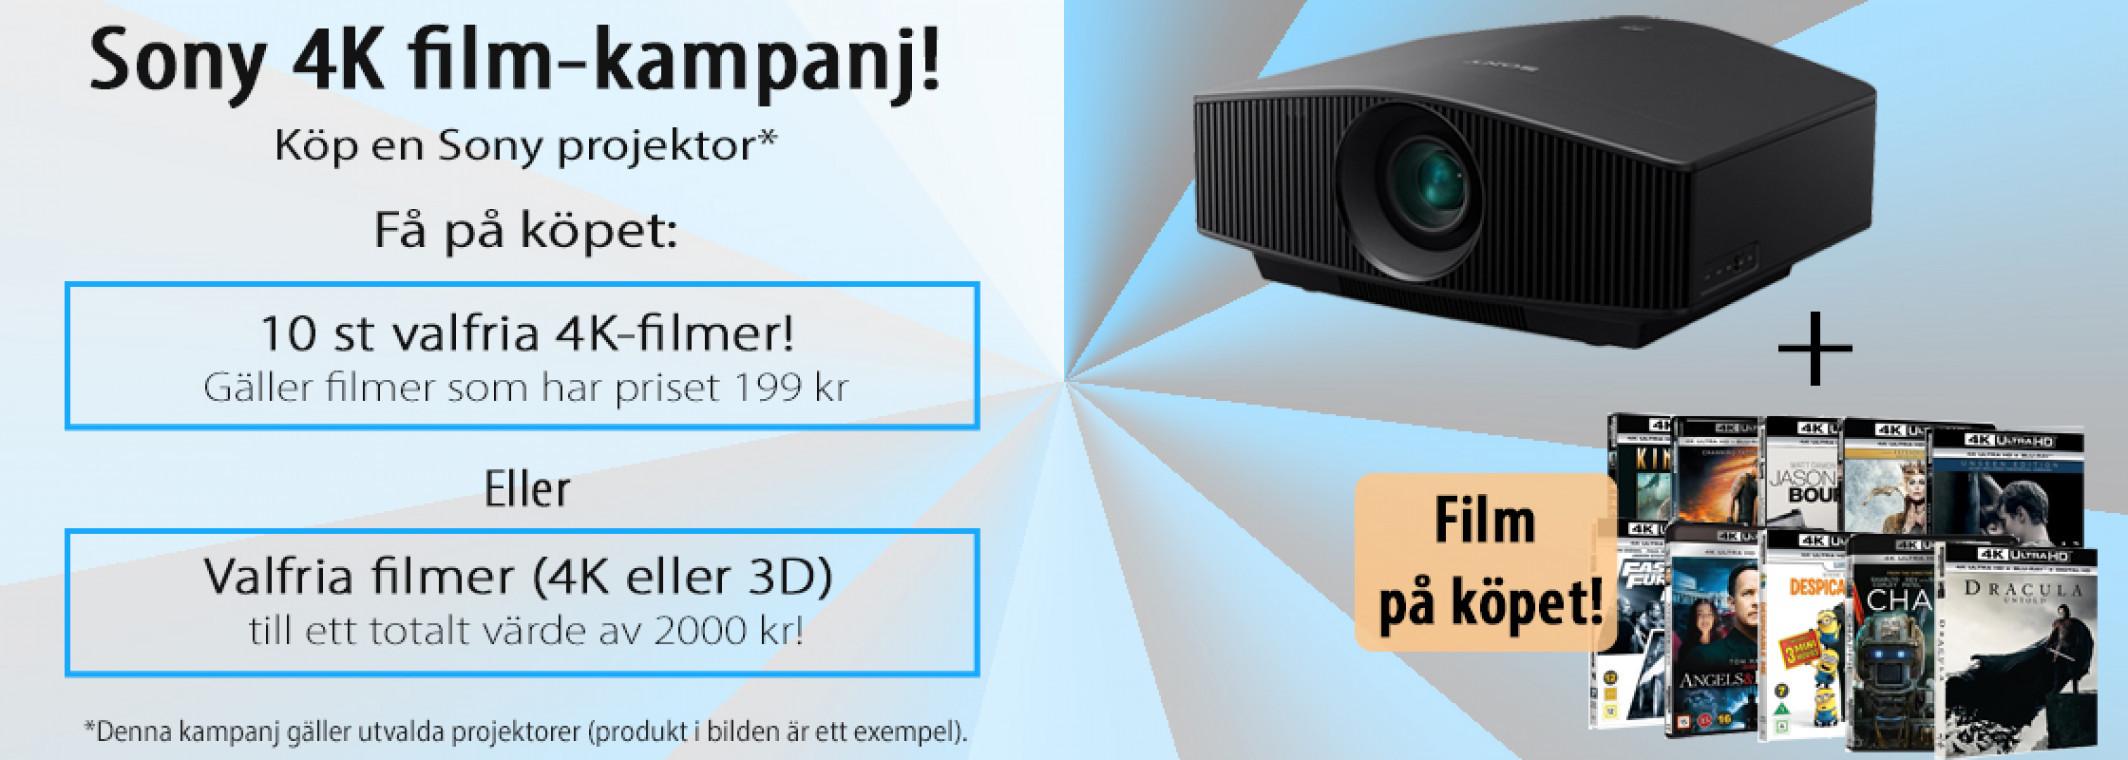 4k_film_kampanj1.jpg